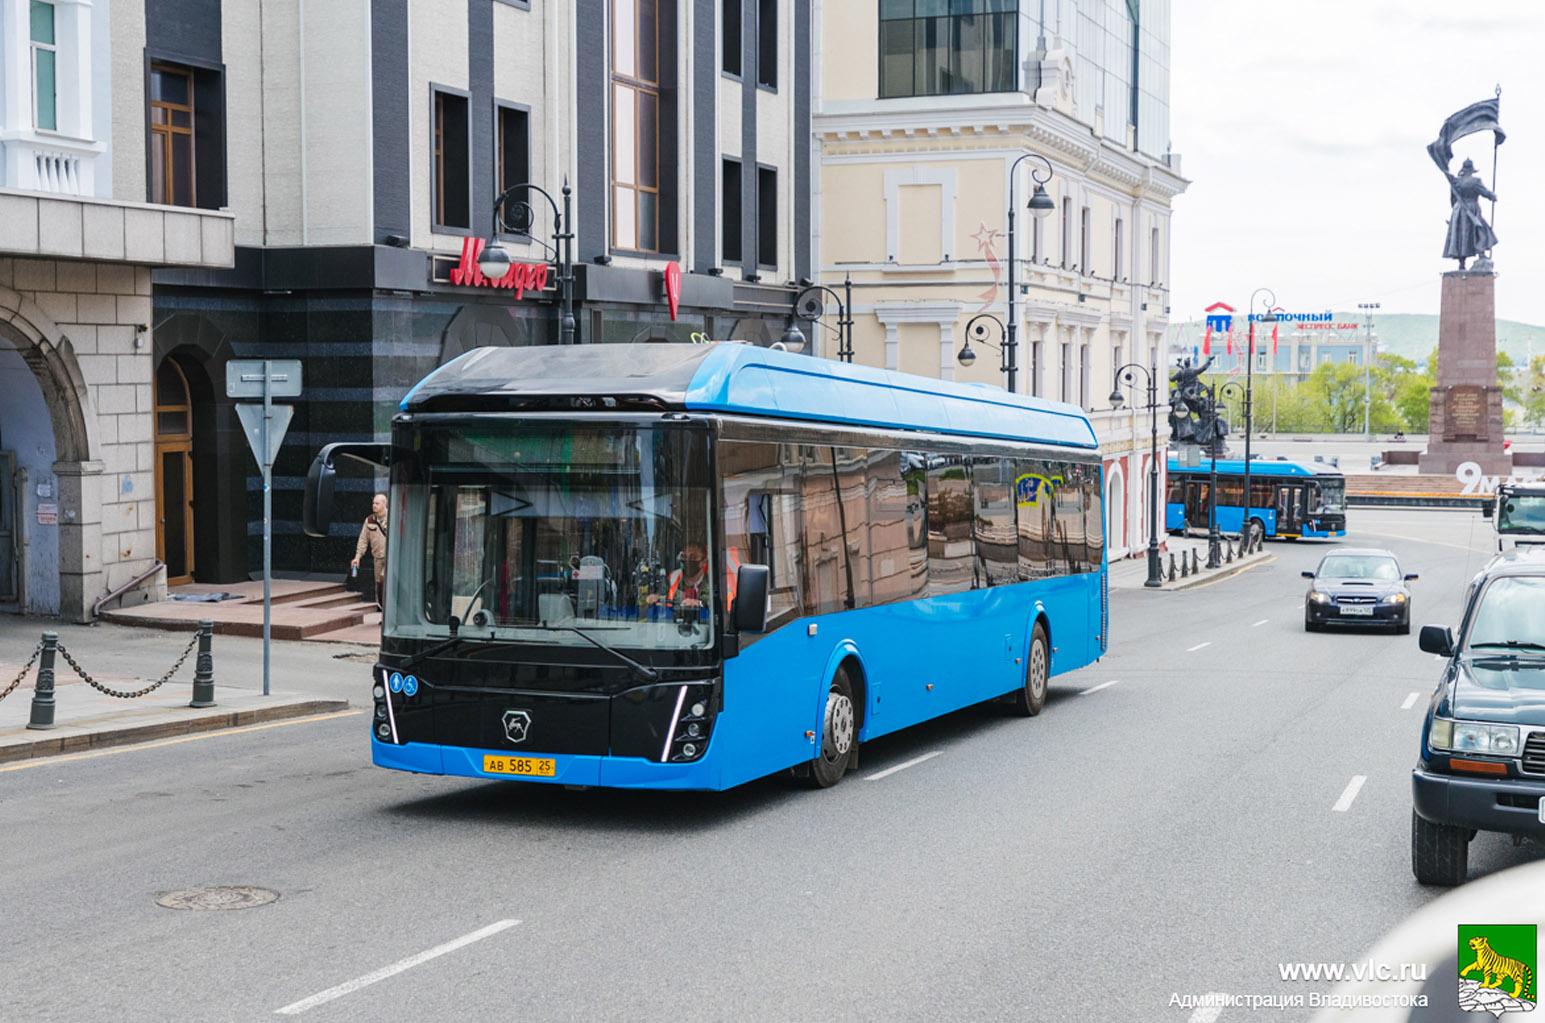 GAZ-elektrische-bussen-in-Vladivostok-proberen-hun-eerste-route-al-uit-(2)